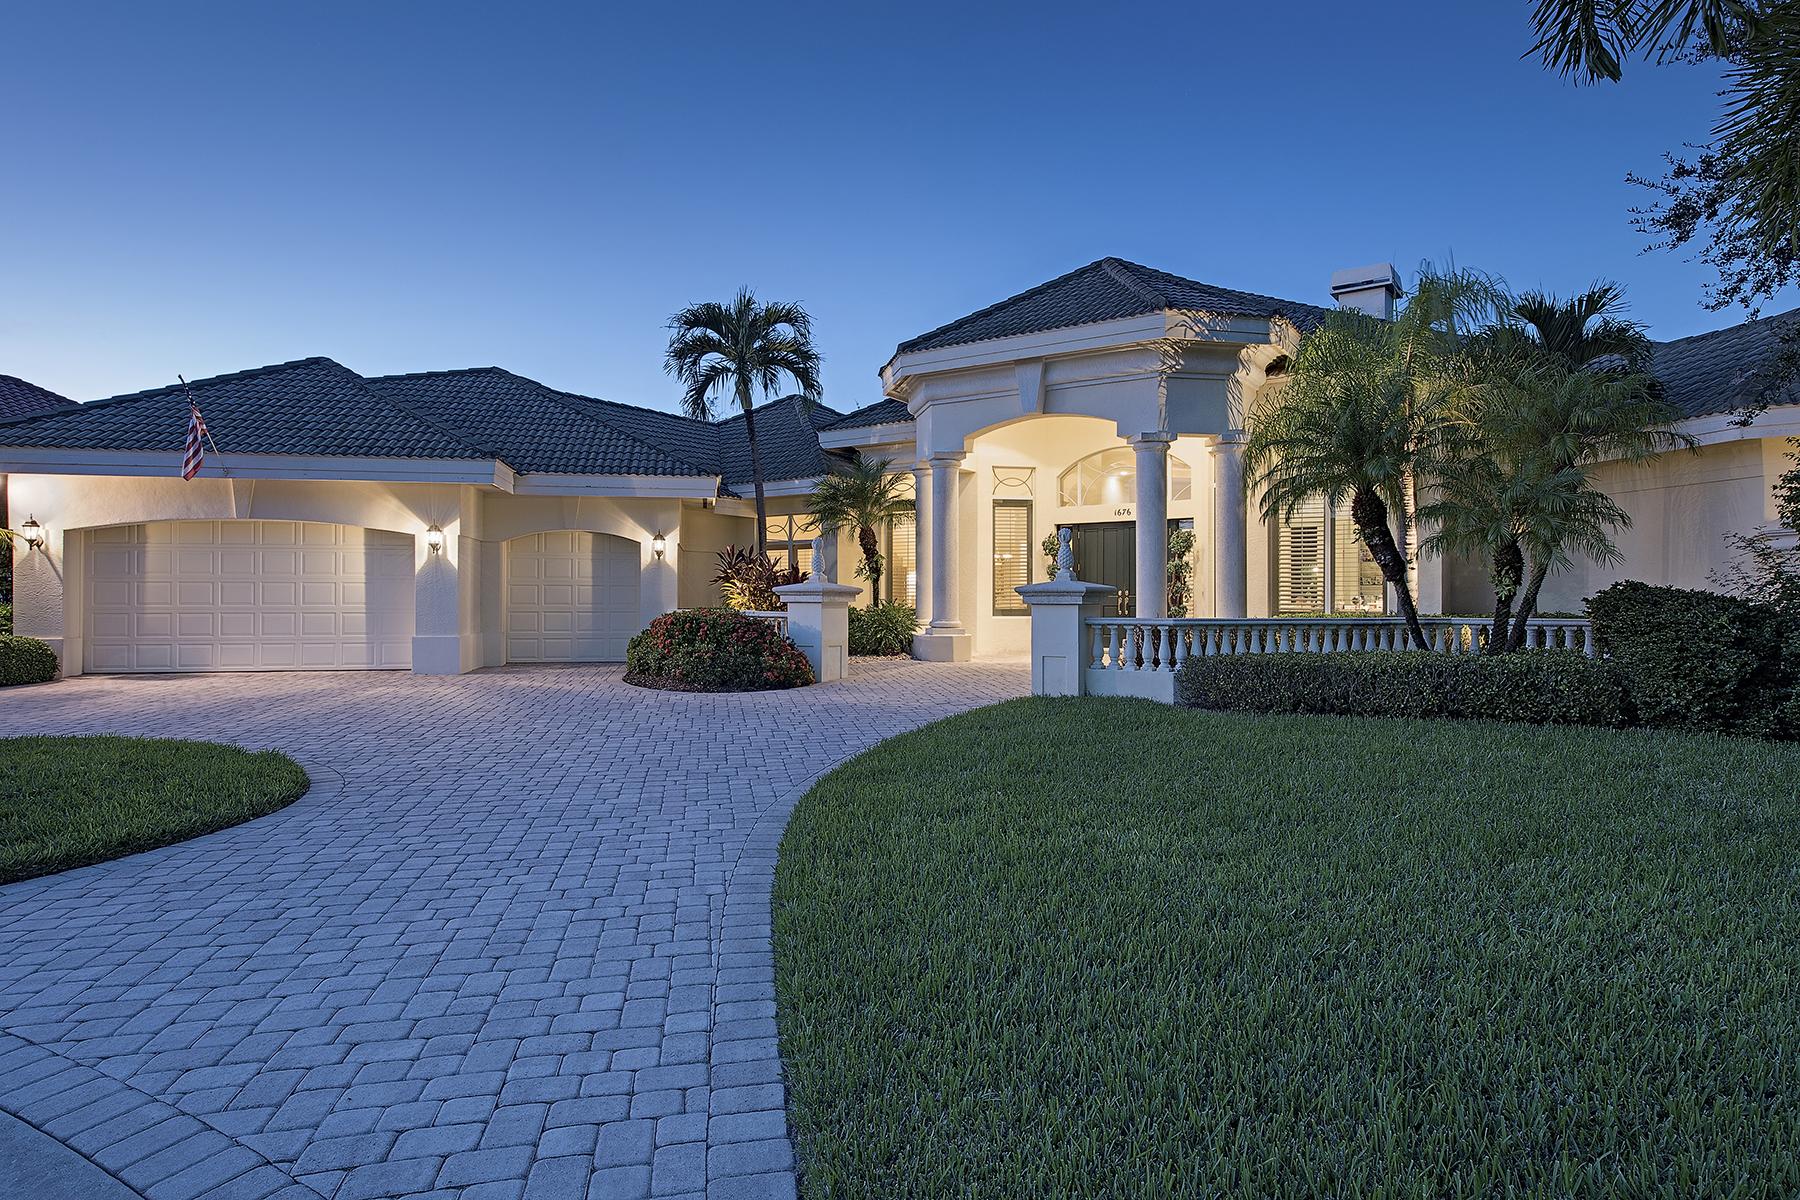 단독 가정 주택 용 매매 에 PELICAN MARSH - MARSH LINKS 1676 Persimmon Dr Naples, 플로리다 34109 미국